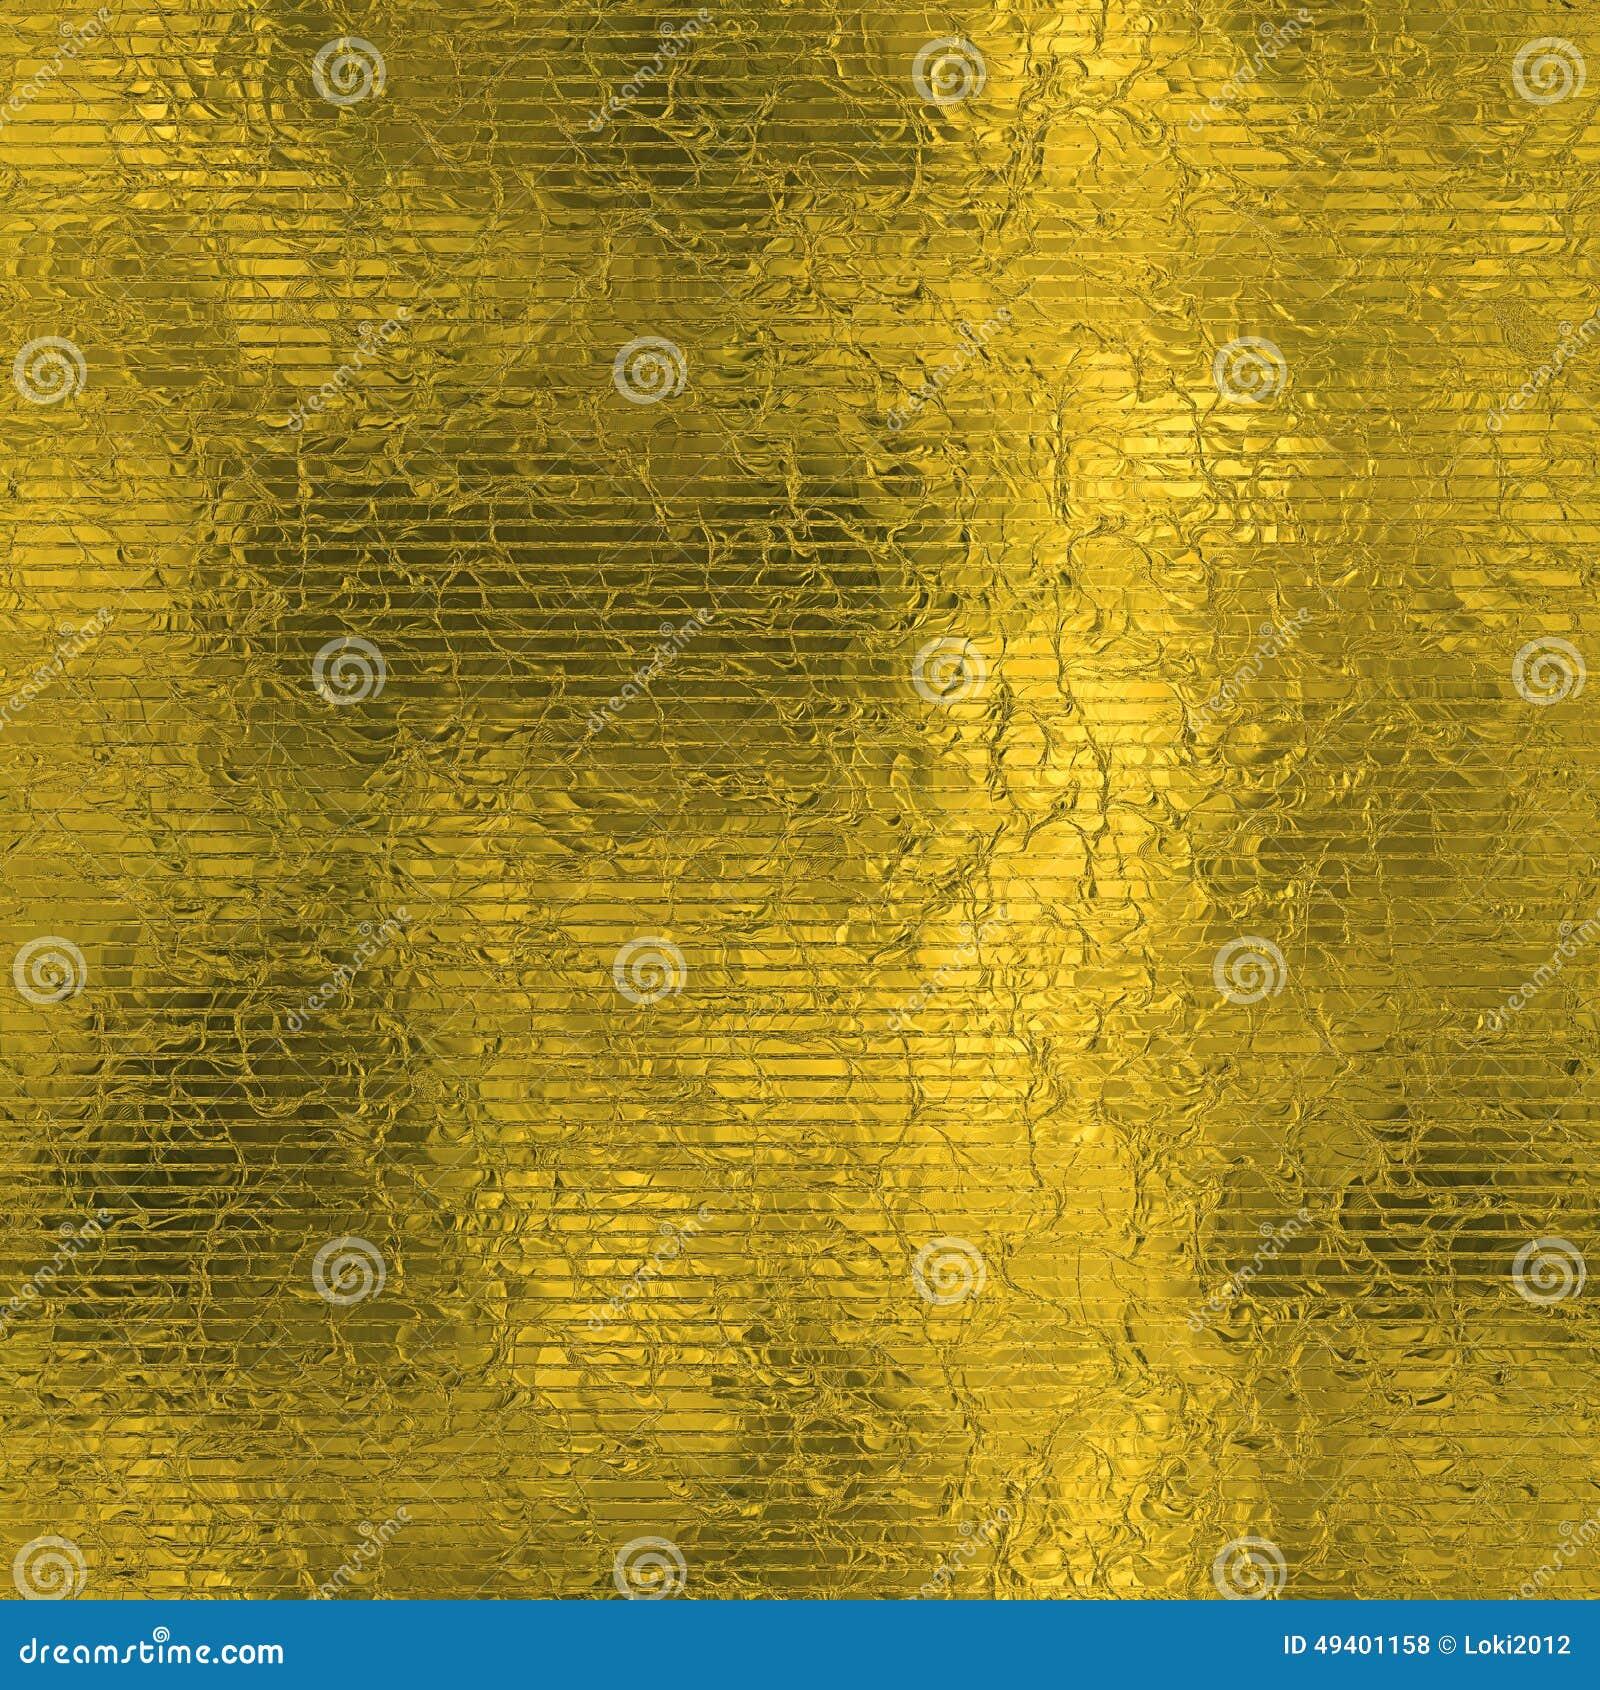 Download Goldene Folie Beschaffenheit Des Nahtlosen Und Tileable Luxushintergrundes Funkelnder Feiertag Geknitterter Goldhintergrund Stockfoto - Bild von glänzend, reflexion: 49401158